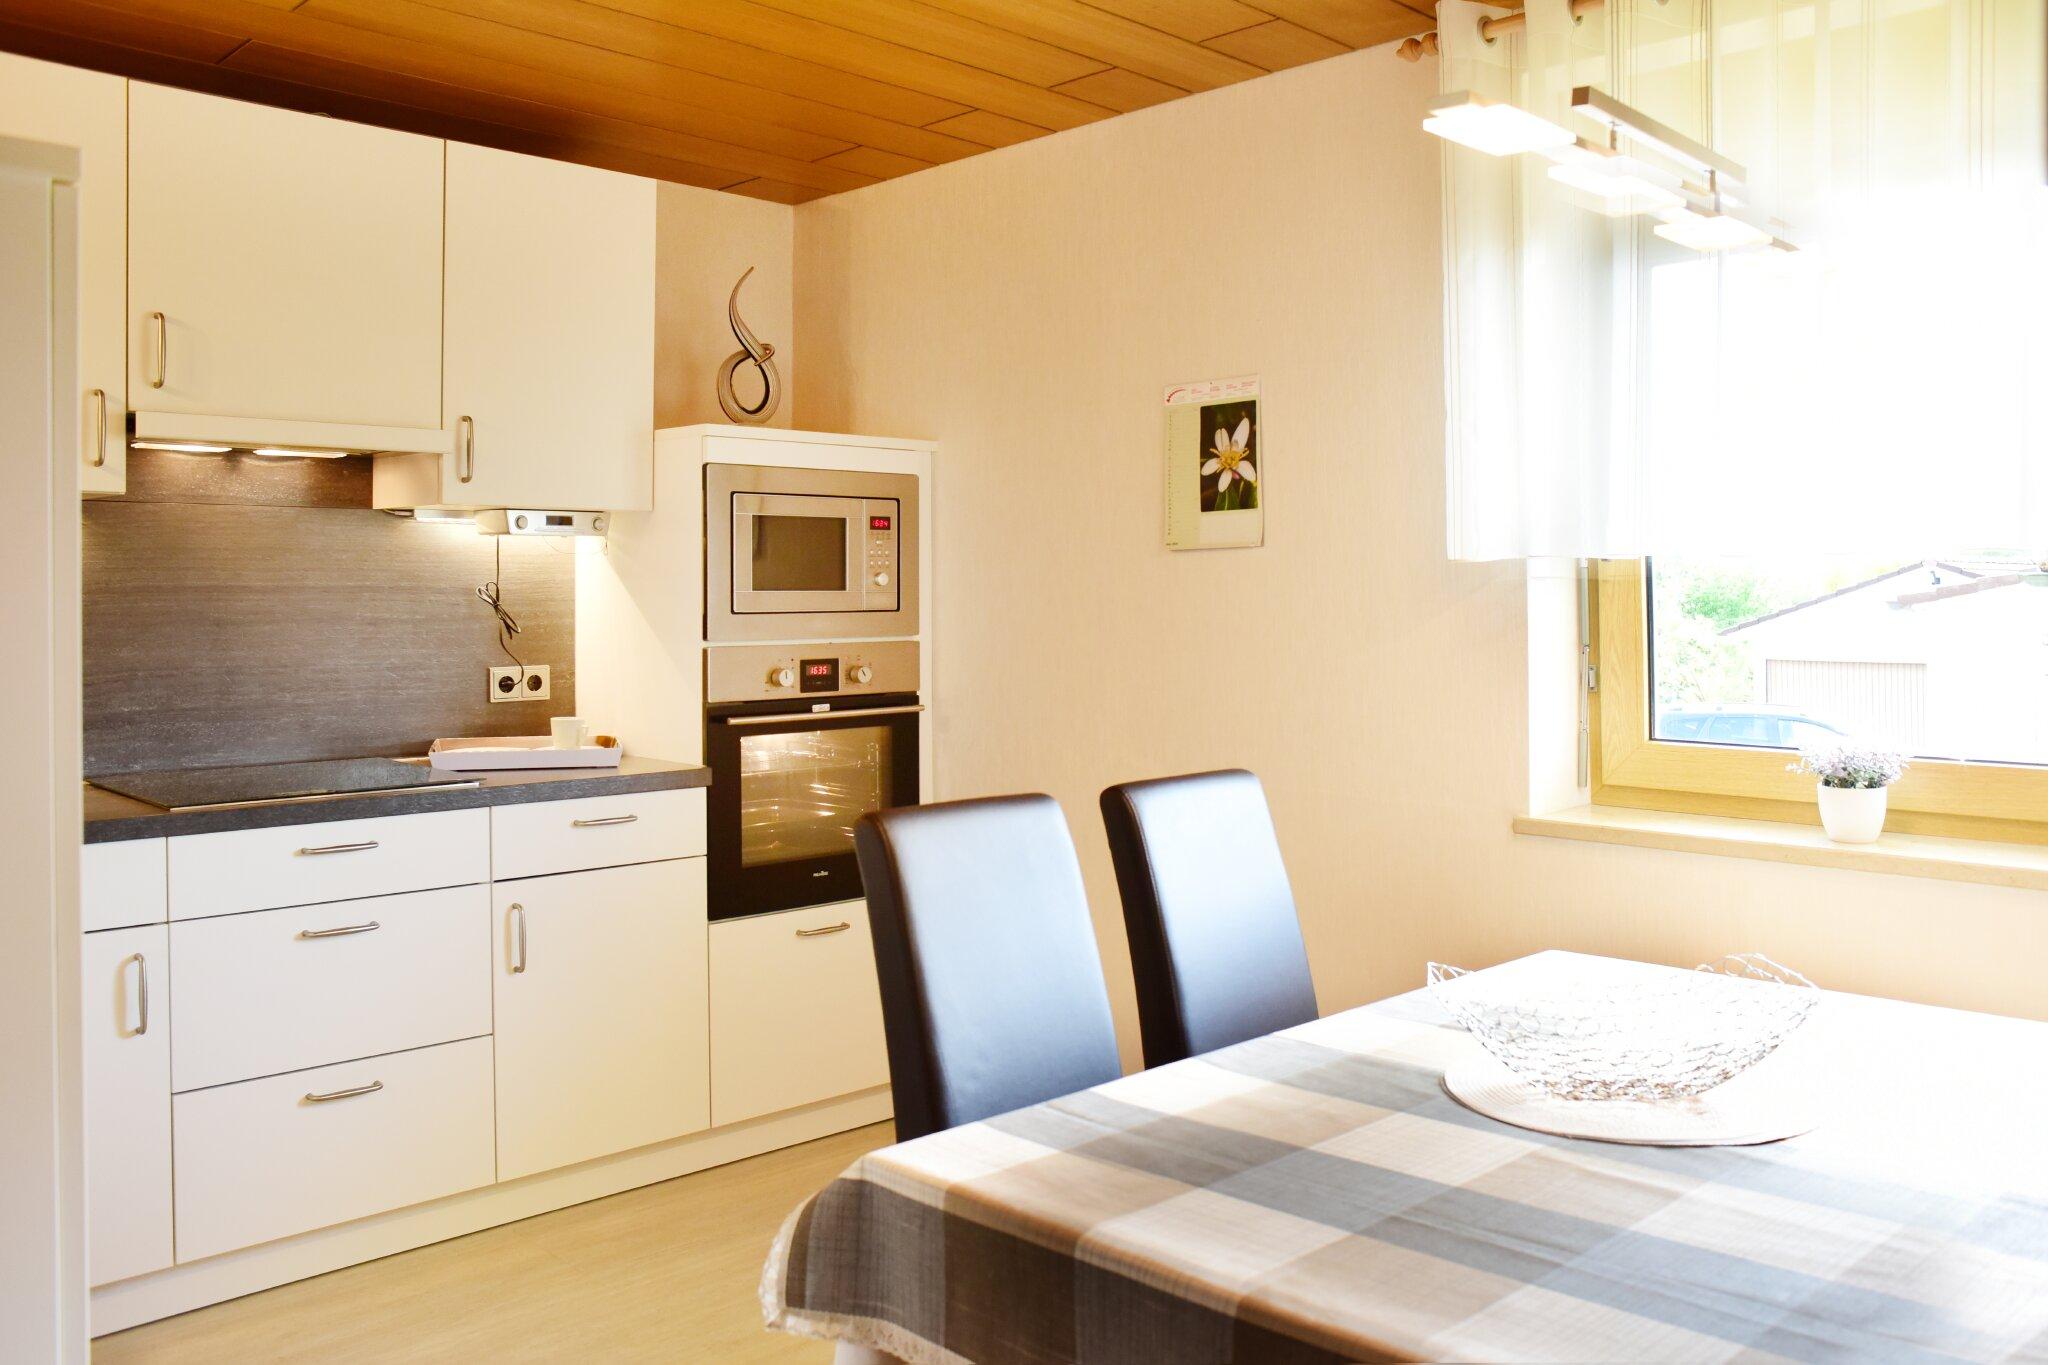 Whg. 2 und Whg. 3 Sitzecke Küche